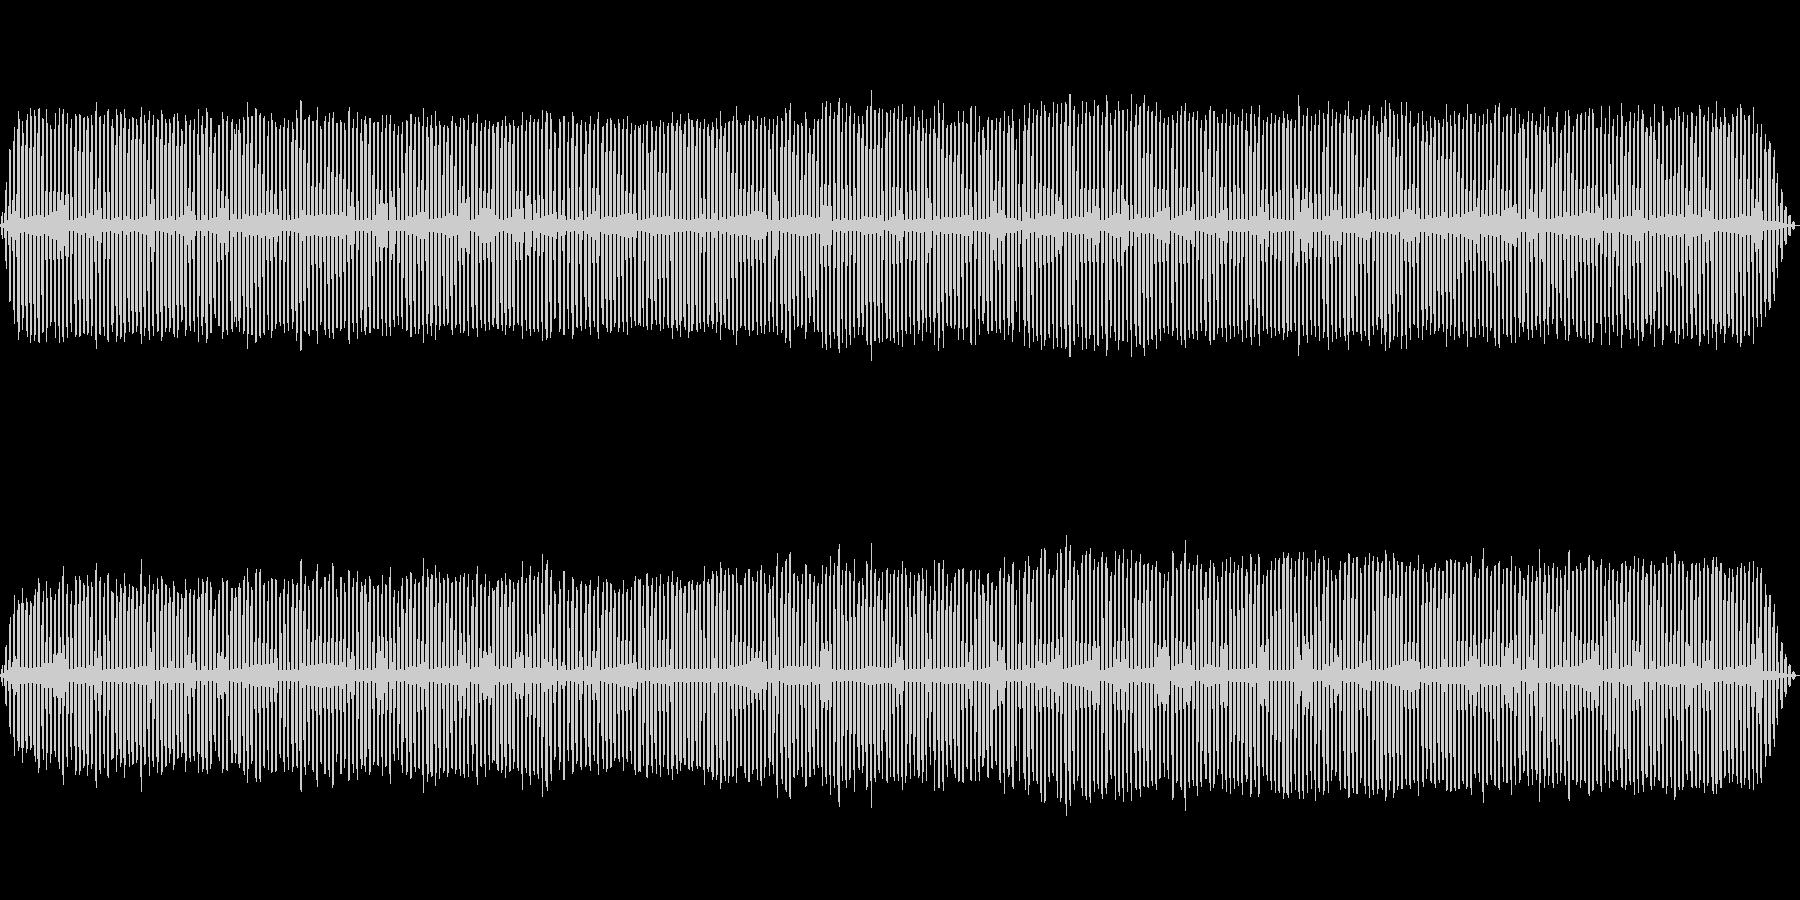 夏夜のコオロギの鳴き声と水の音の未再生の波形